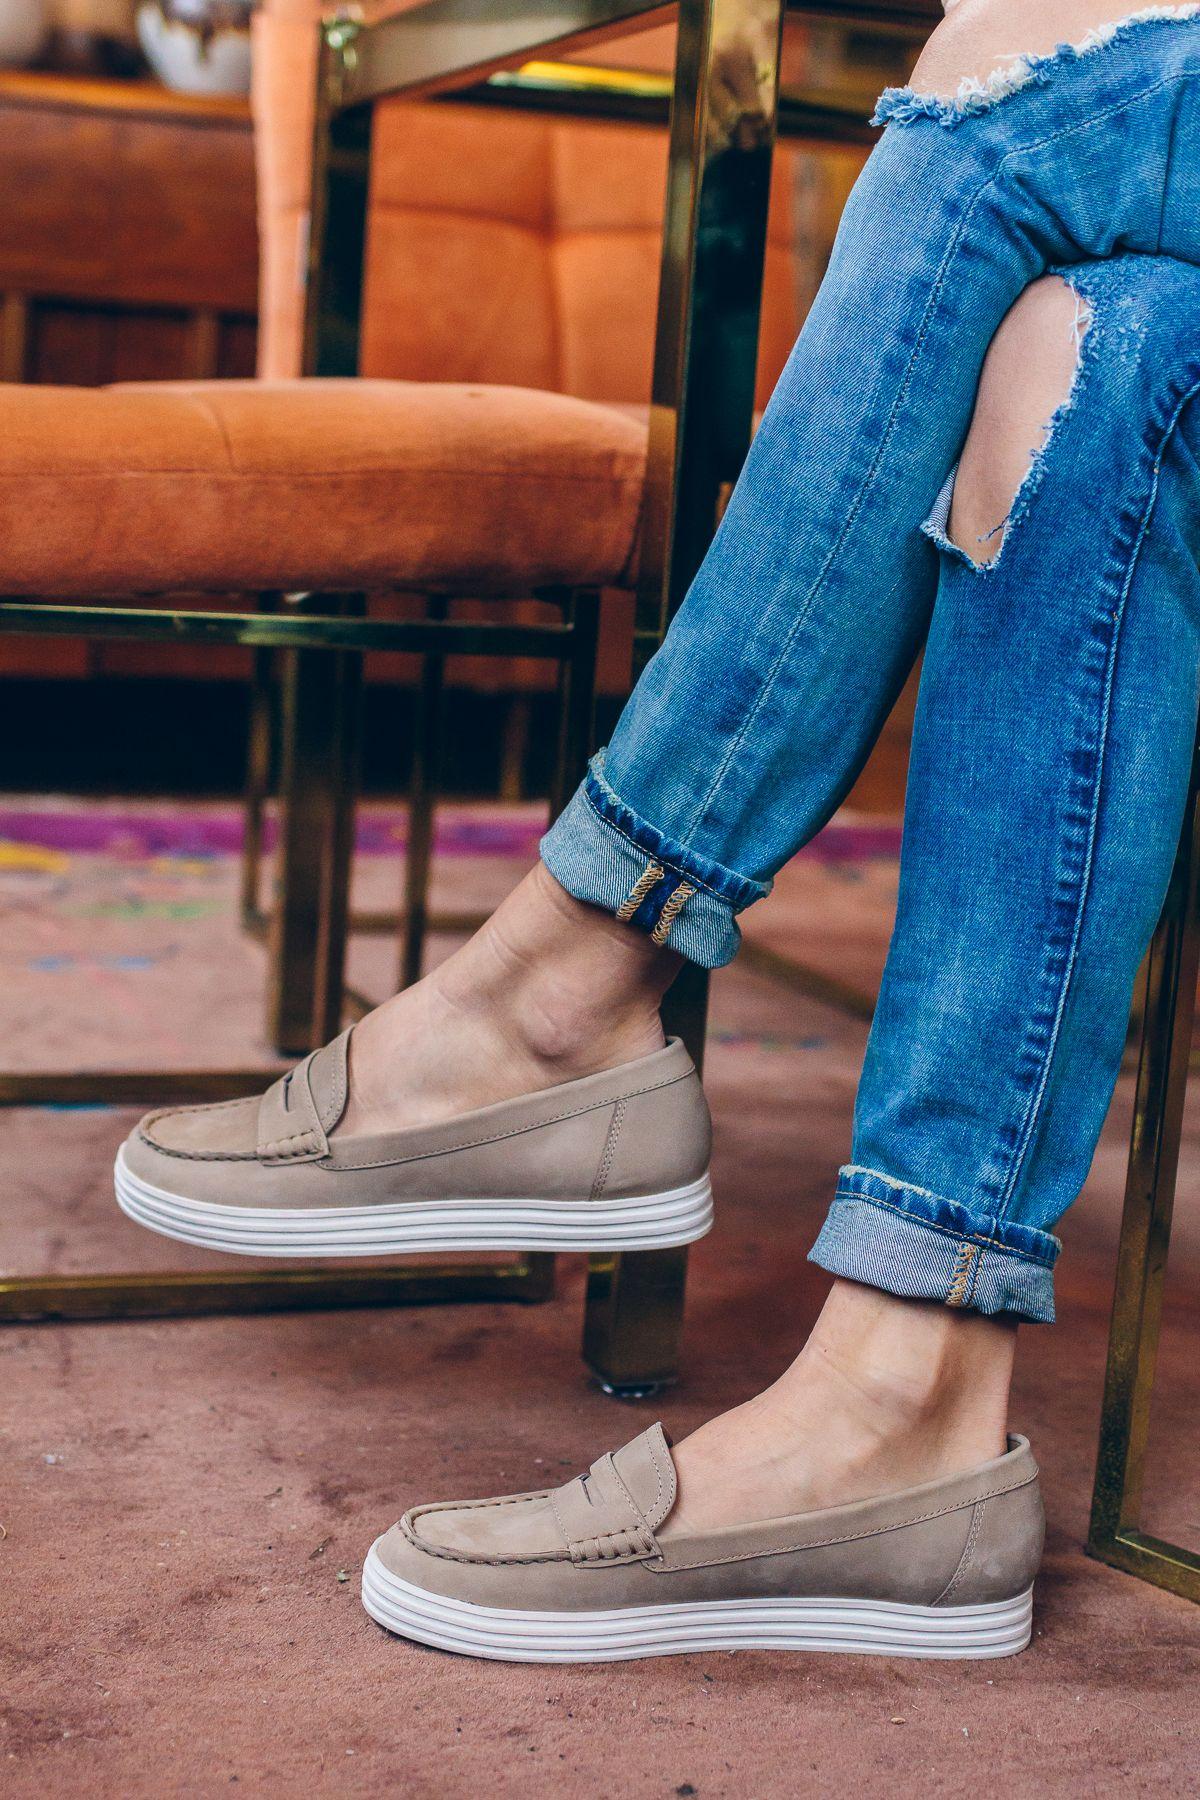 Aerosoles Sandals en 2020 (con imágenes) | Estilo de zapatos